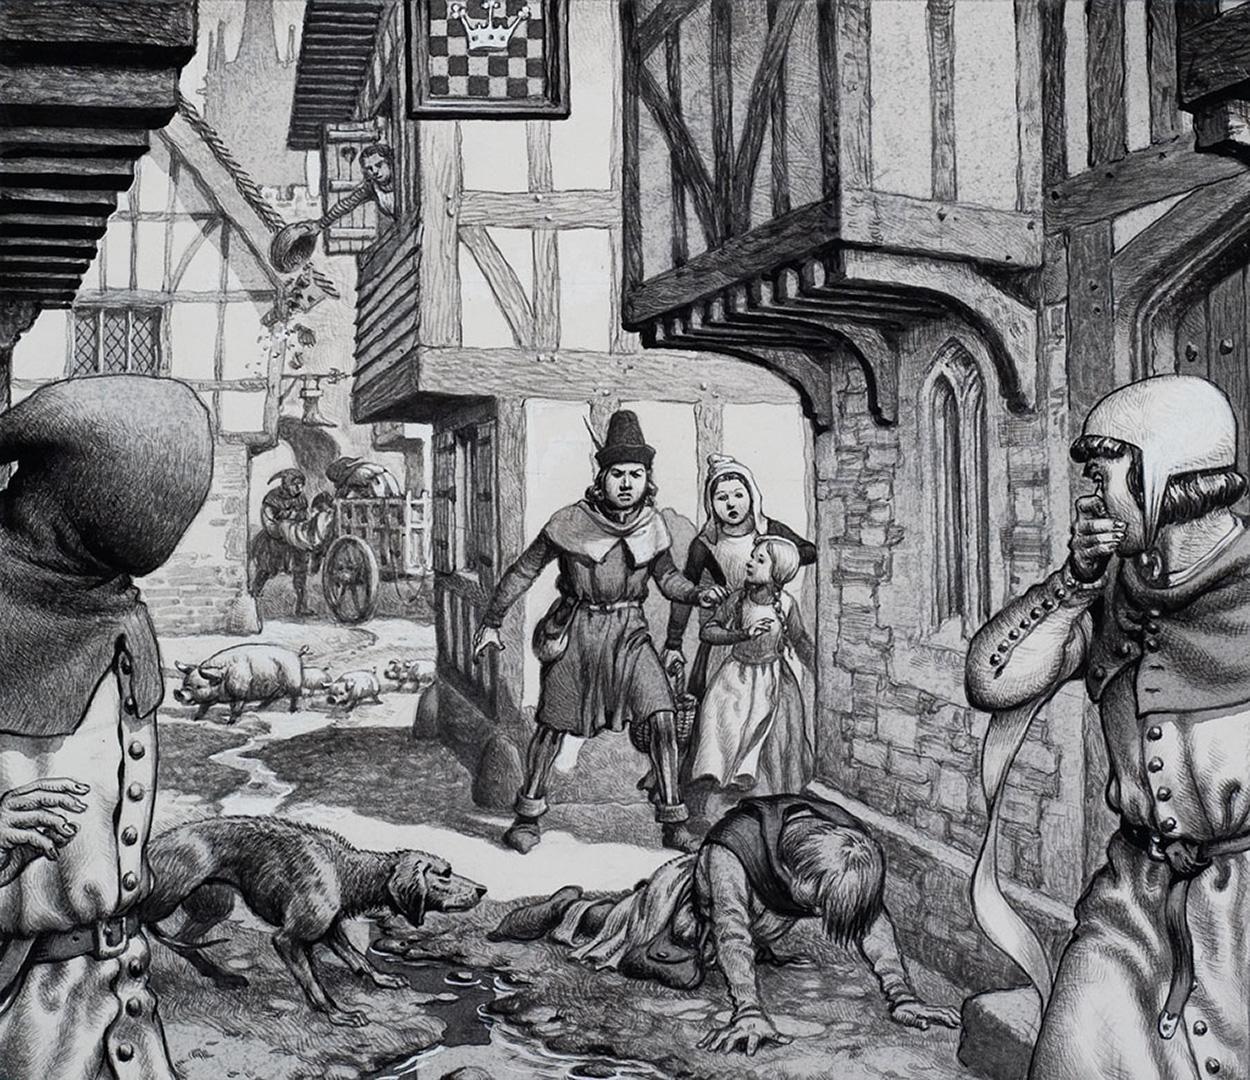 很摞_中世纪的时候平民都在干什么? - 知乎